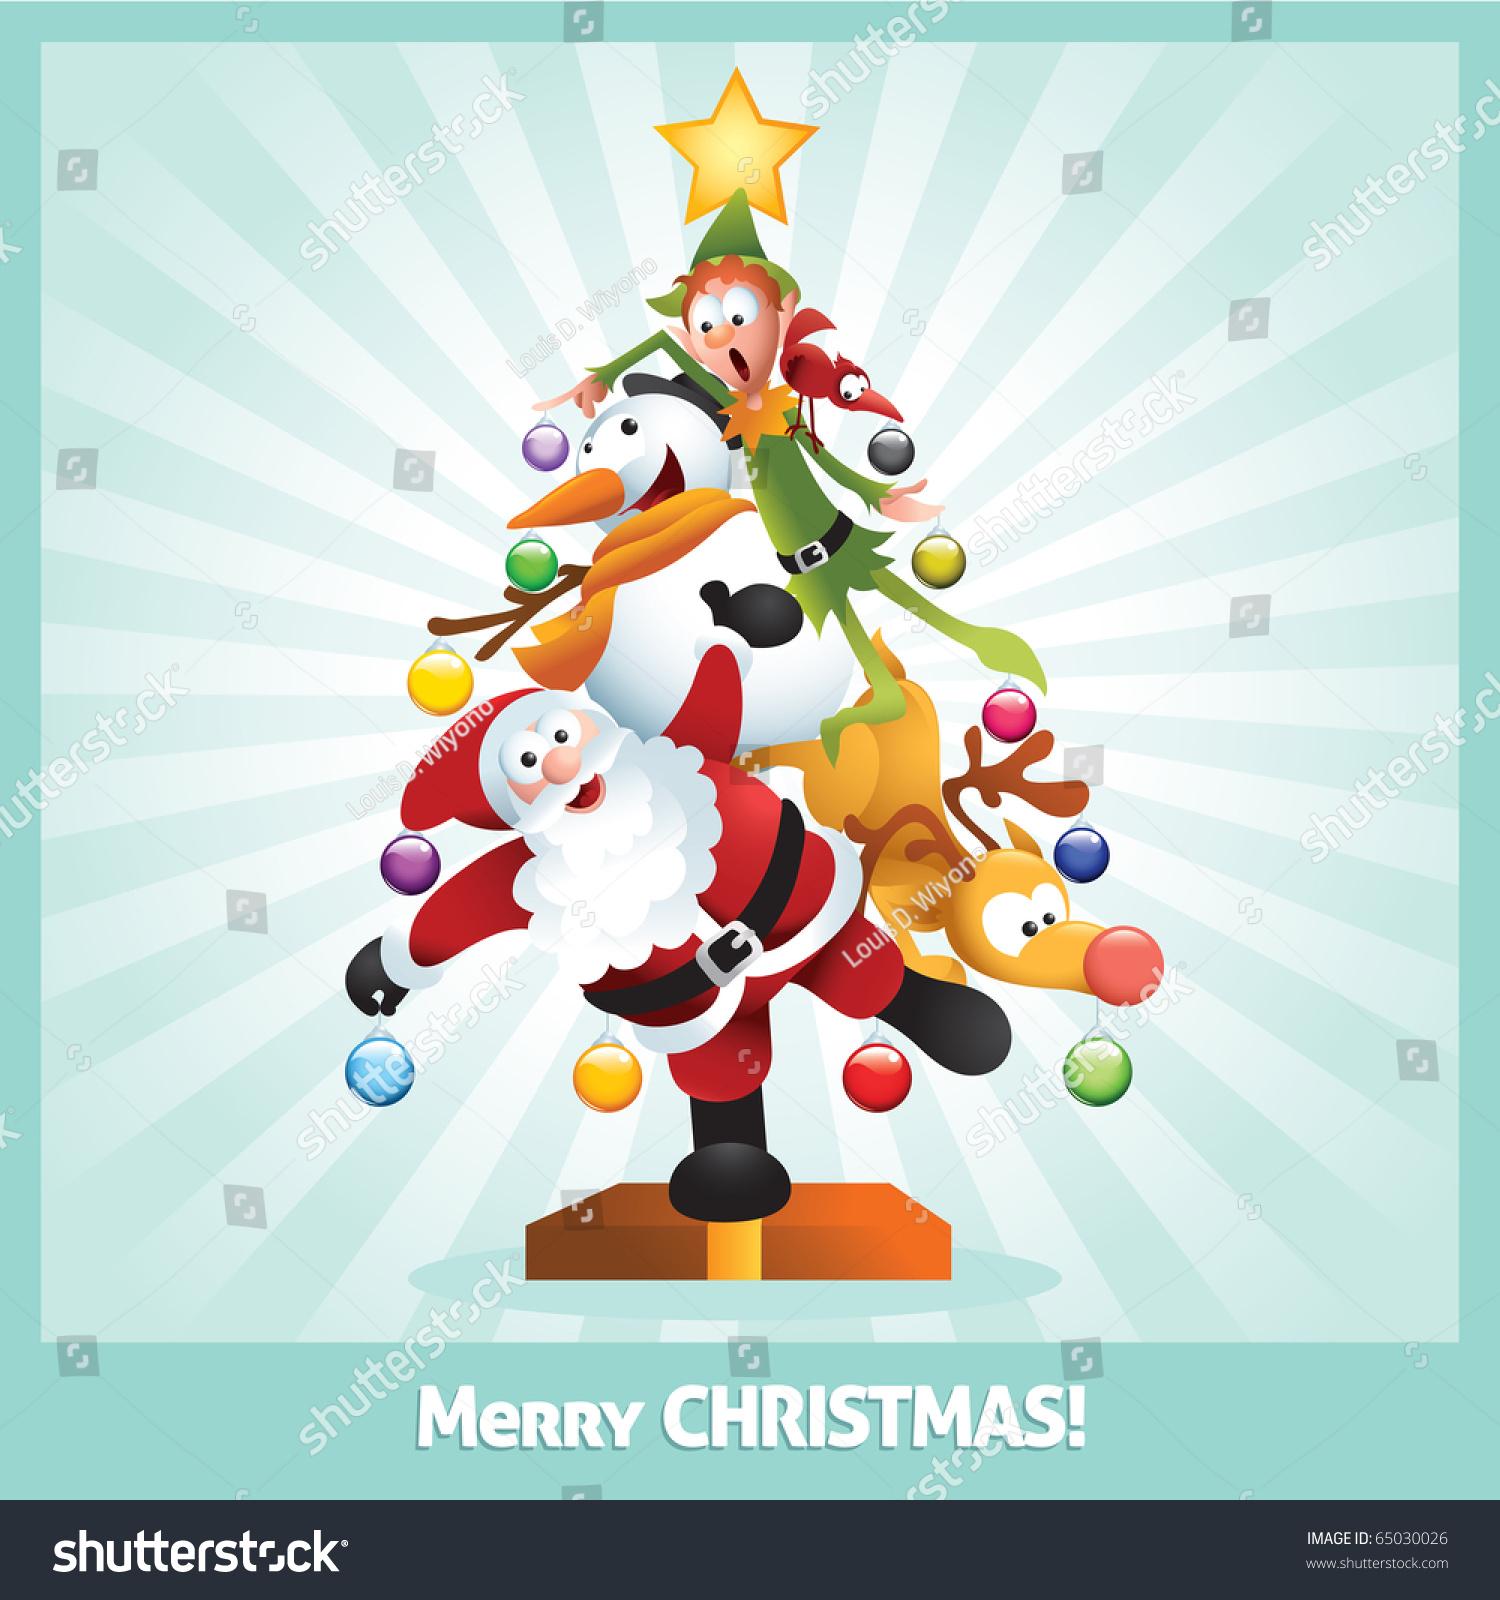 funny cartoon illustration santa claus elf stock vector 65030026